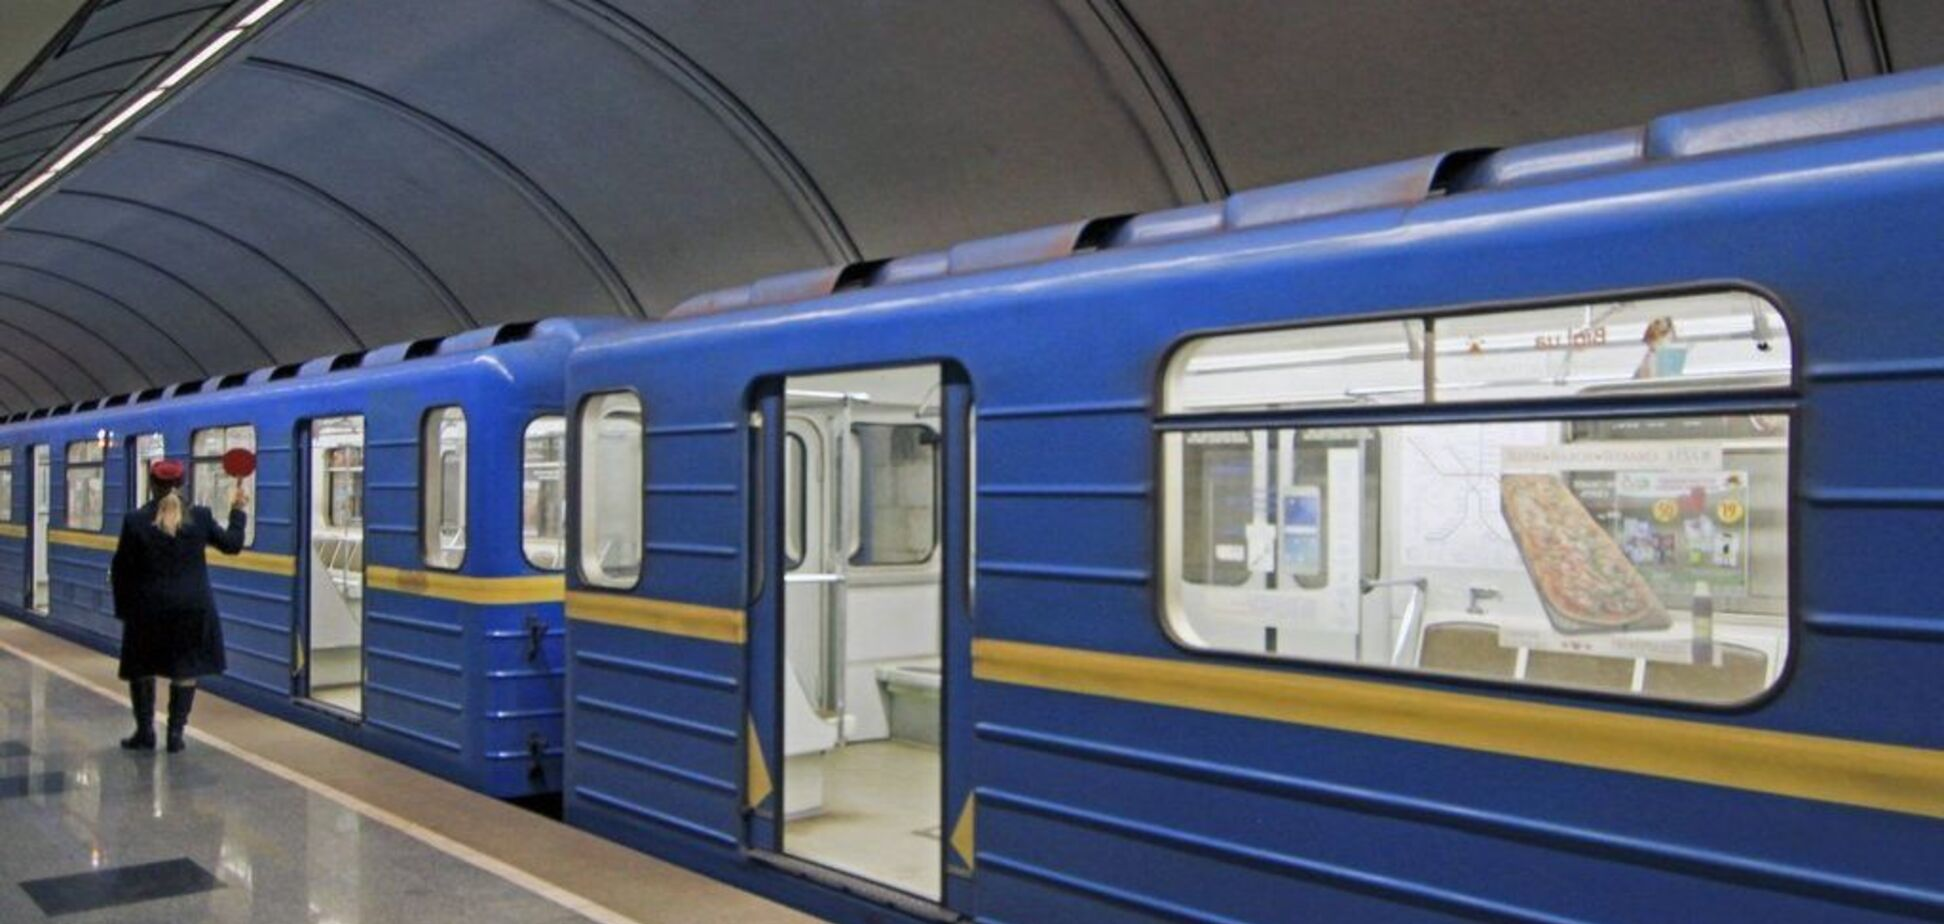 І на Троєщину, і на Виноградар: у 80-х у Києві планували масштабне будівництво метро